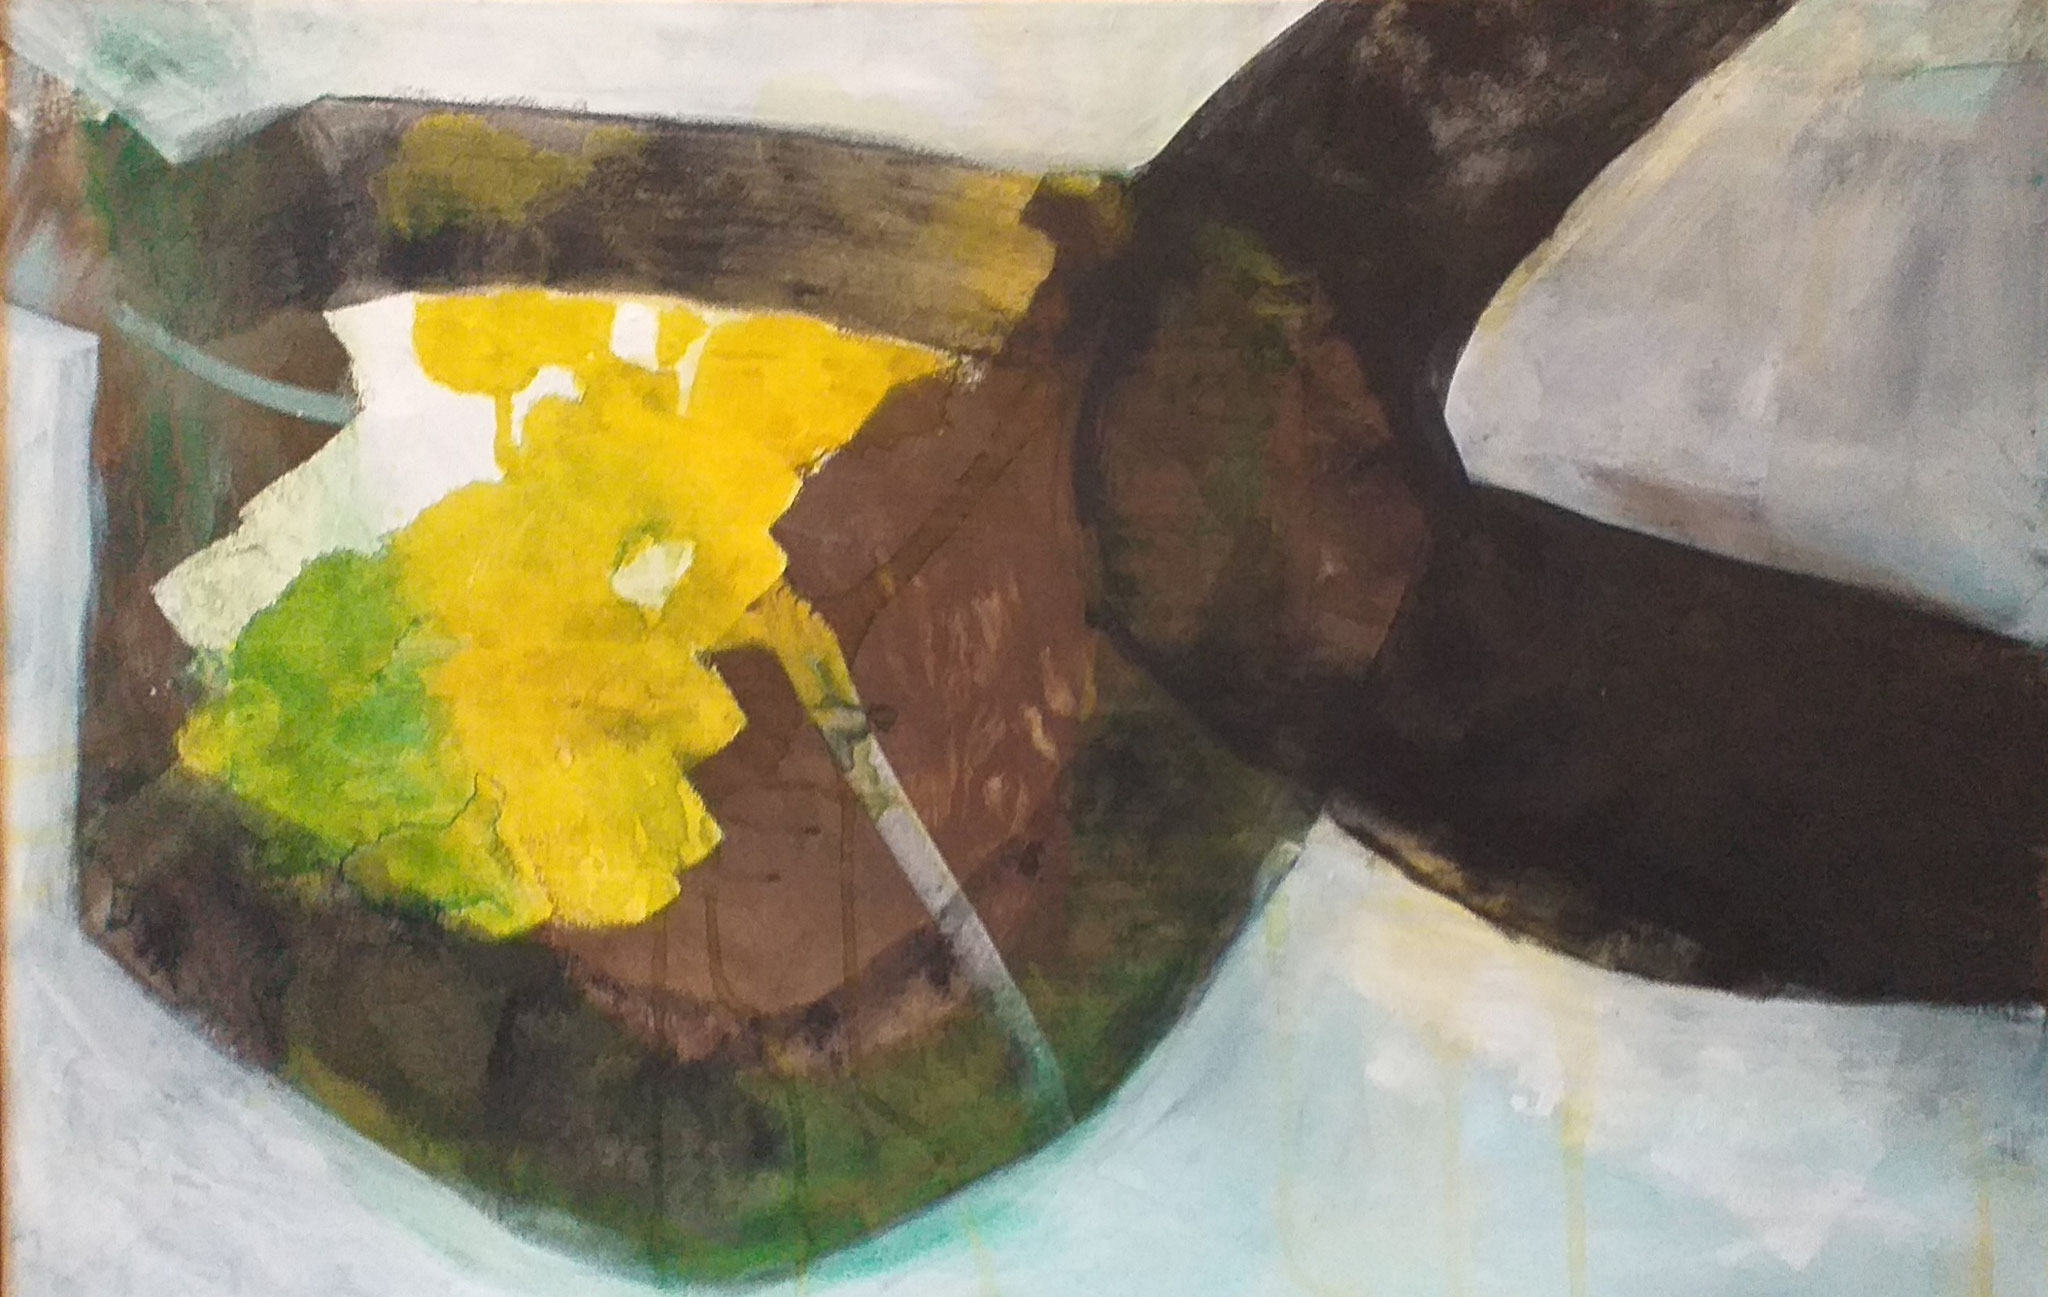 Acryl, ecoline op canvas 75x115 cm 2020 'Passage'